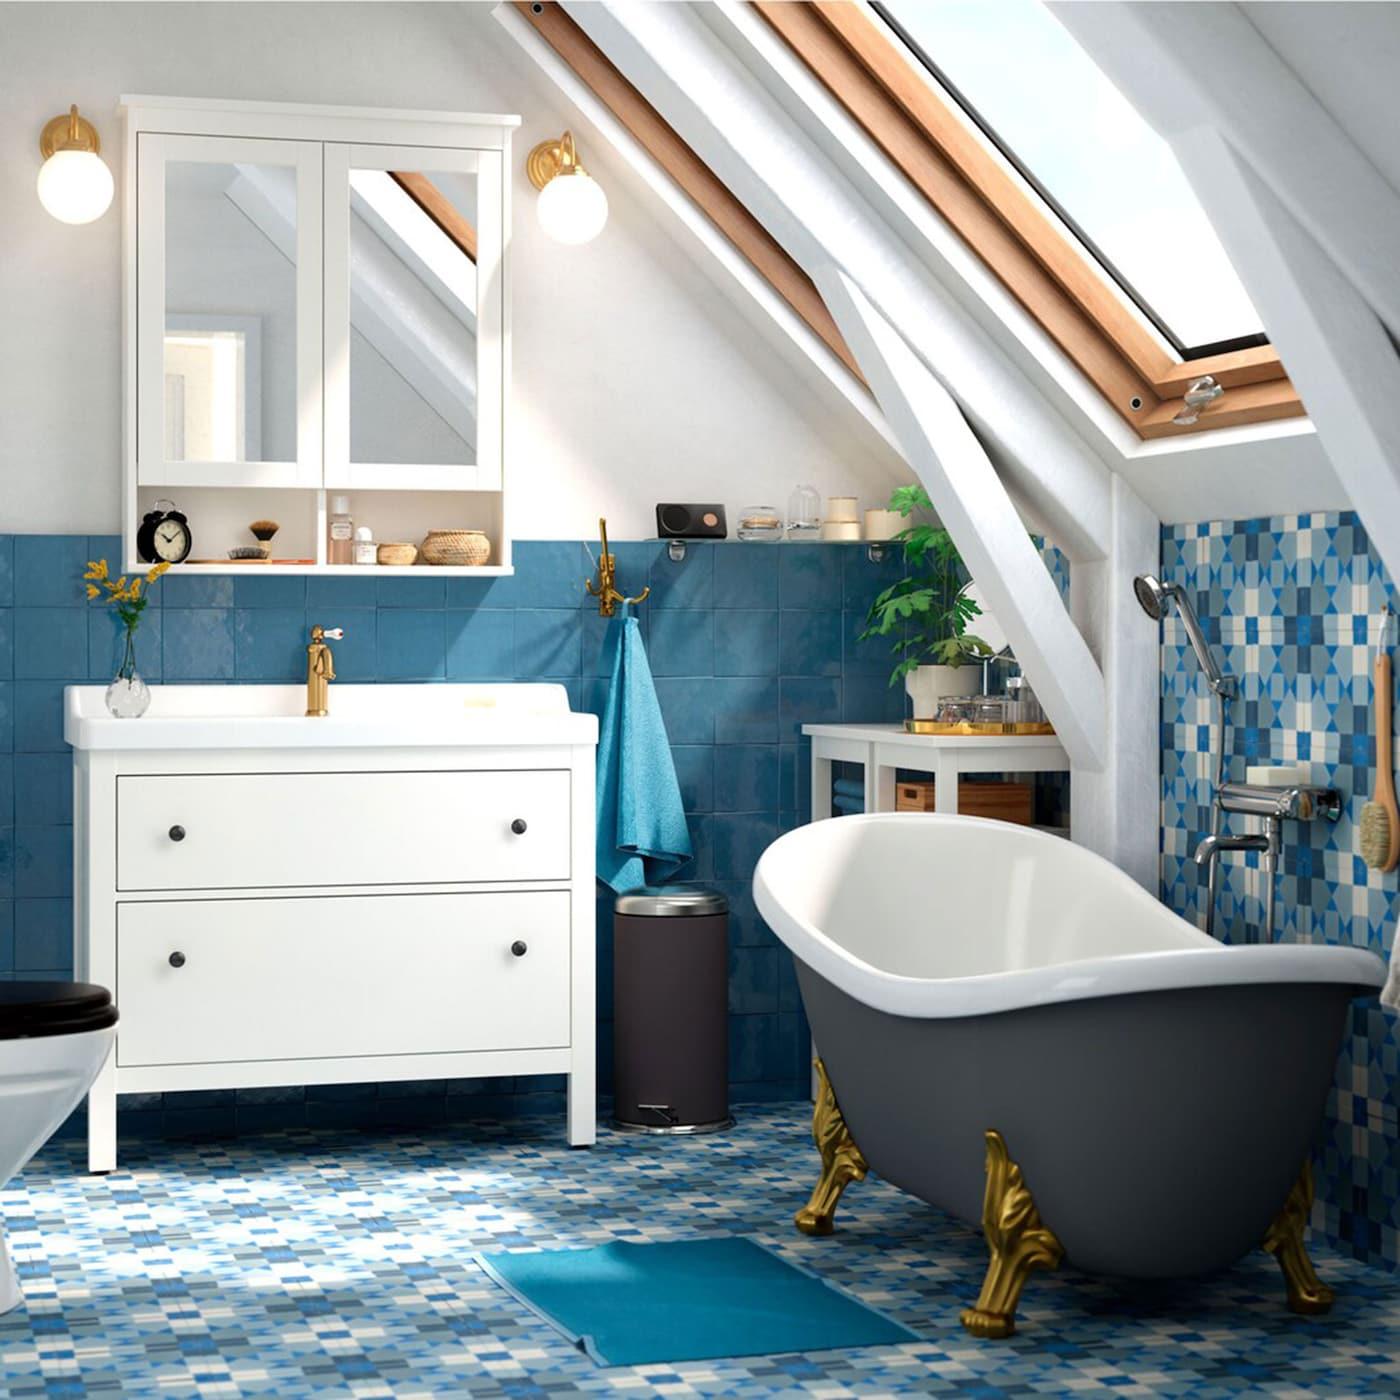 Le meuble lavabo IKEA HEMNES/RÄTTVIKEN, équipé du mélangeur HAMNSKÄR, crée un look net et agréable dans la salle de bain, et renferme un vaste espace de rangement.